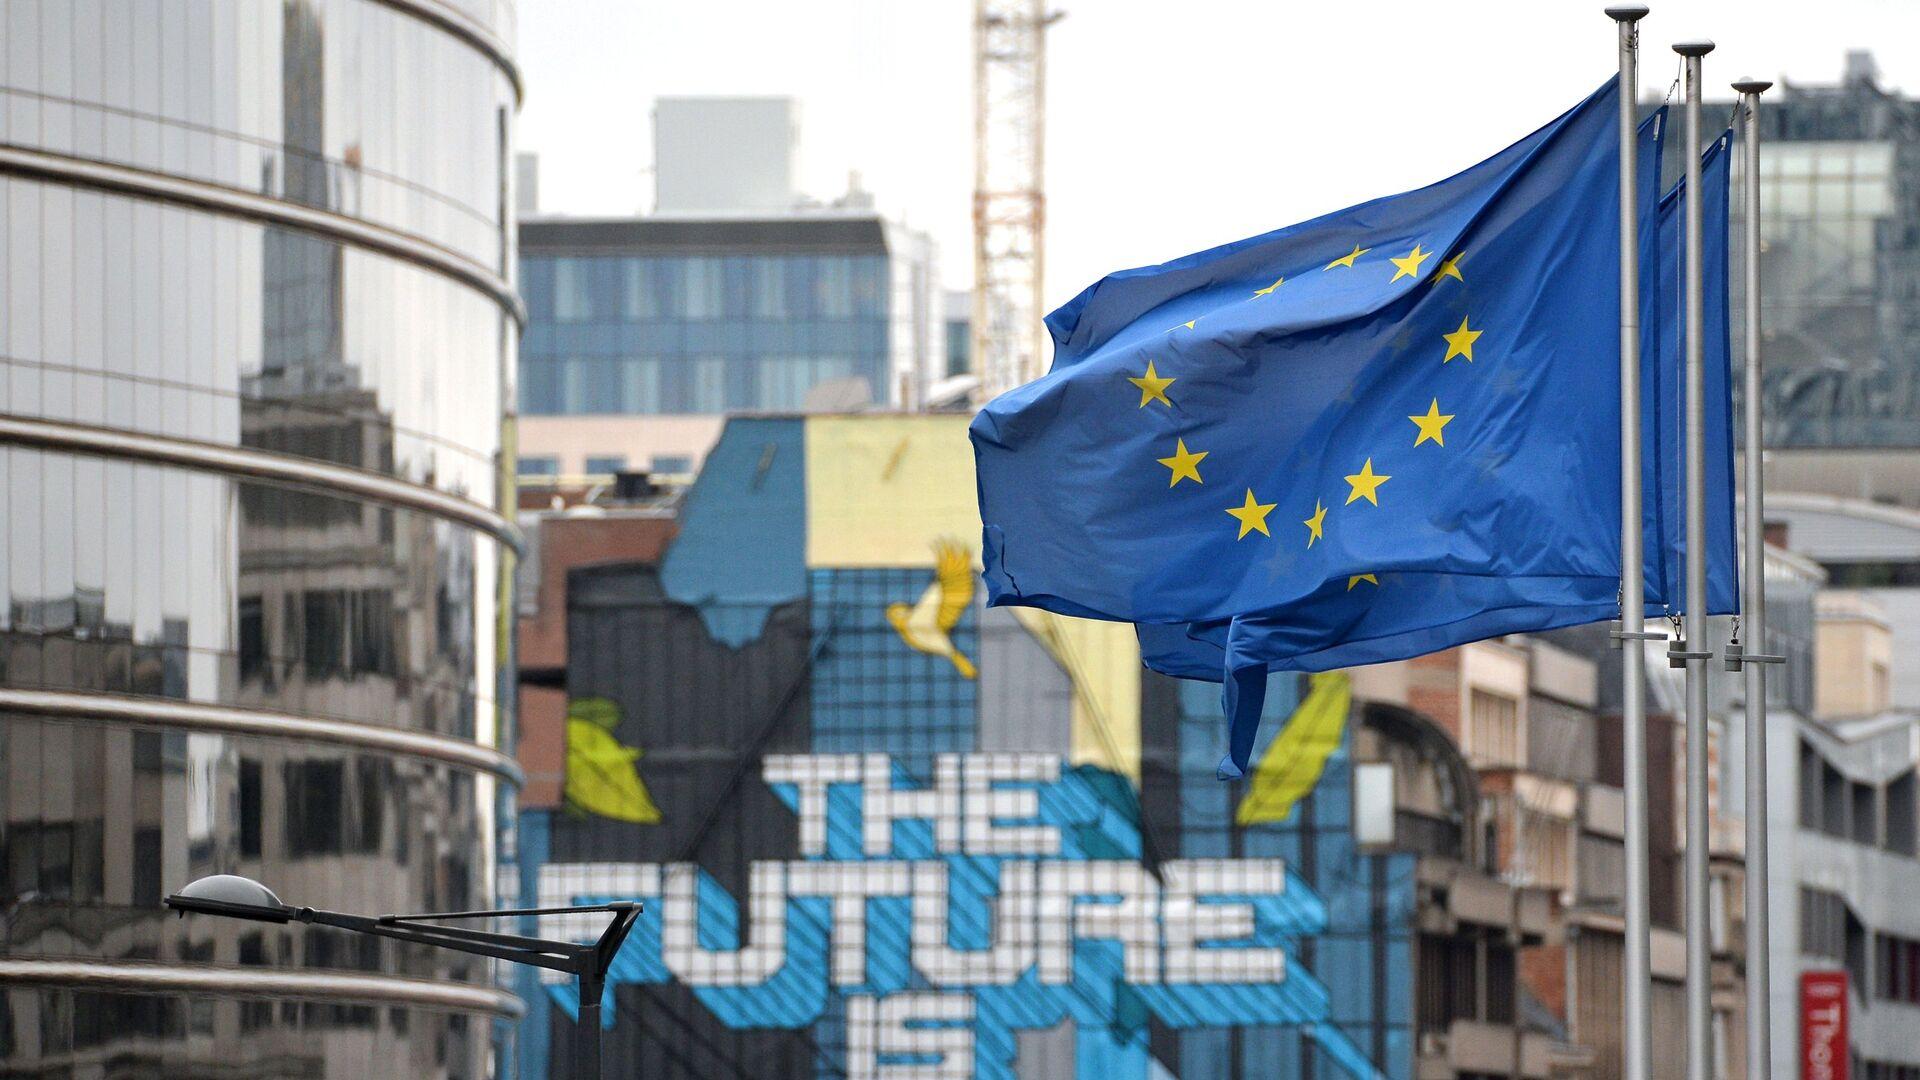 Kancelarija EU u Briselu - Sputnik Srbija, 1920, 27.09.2021